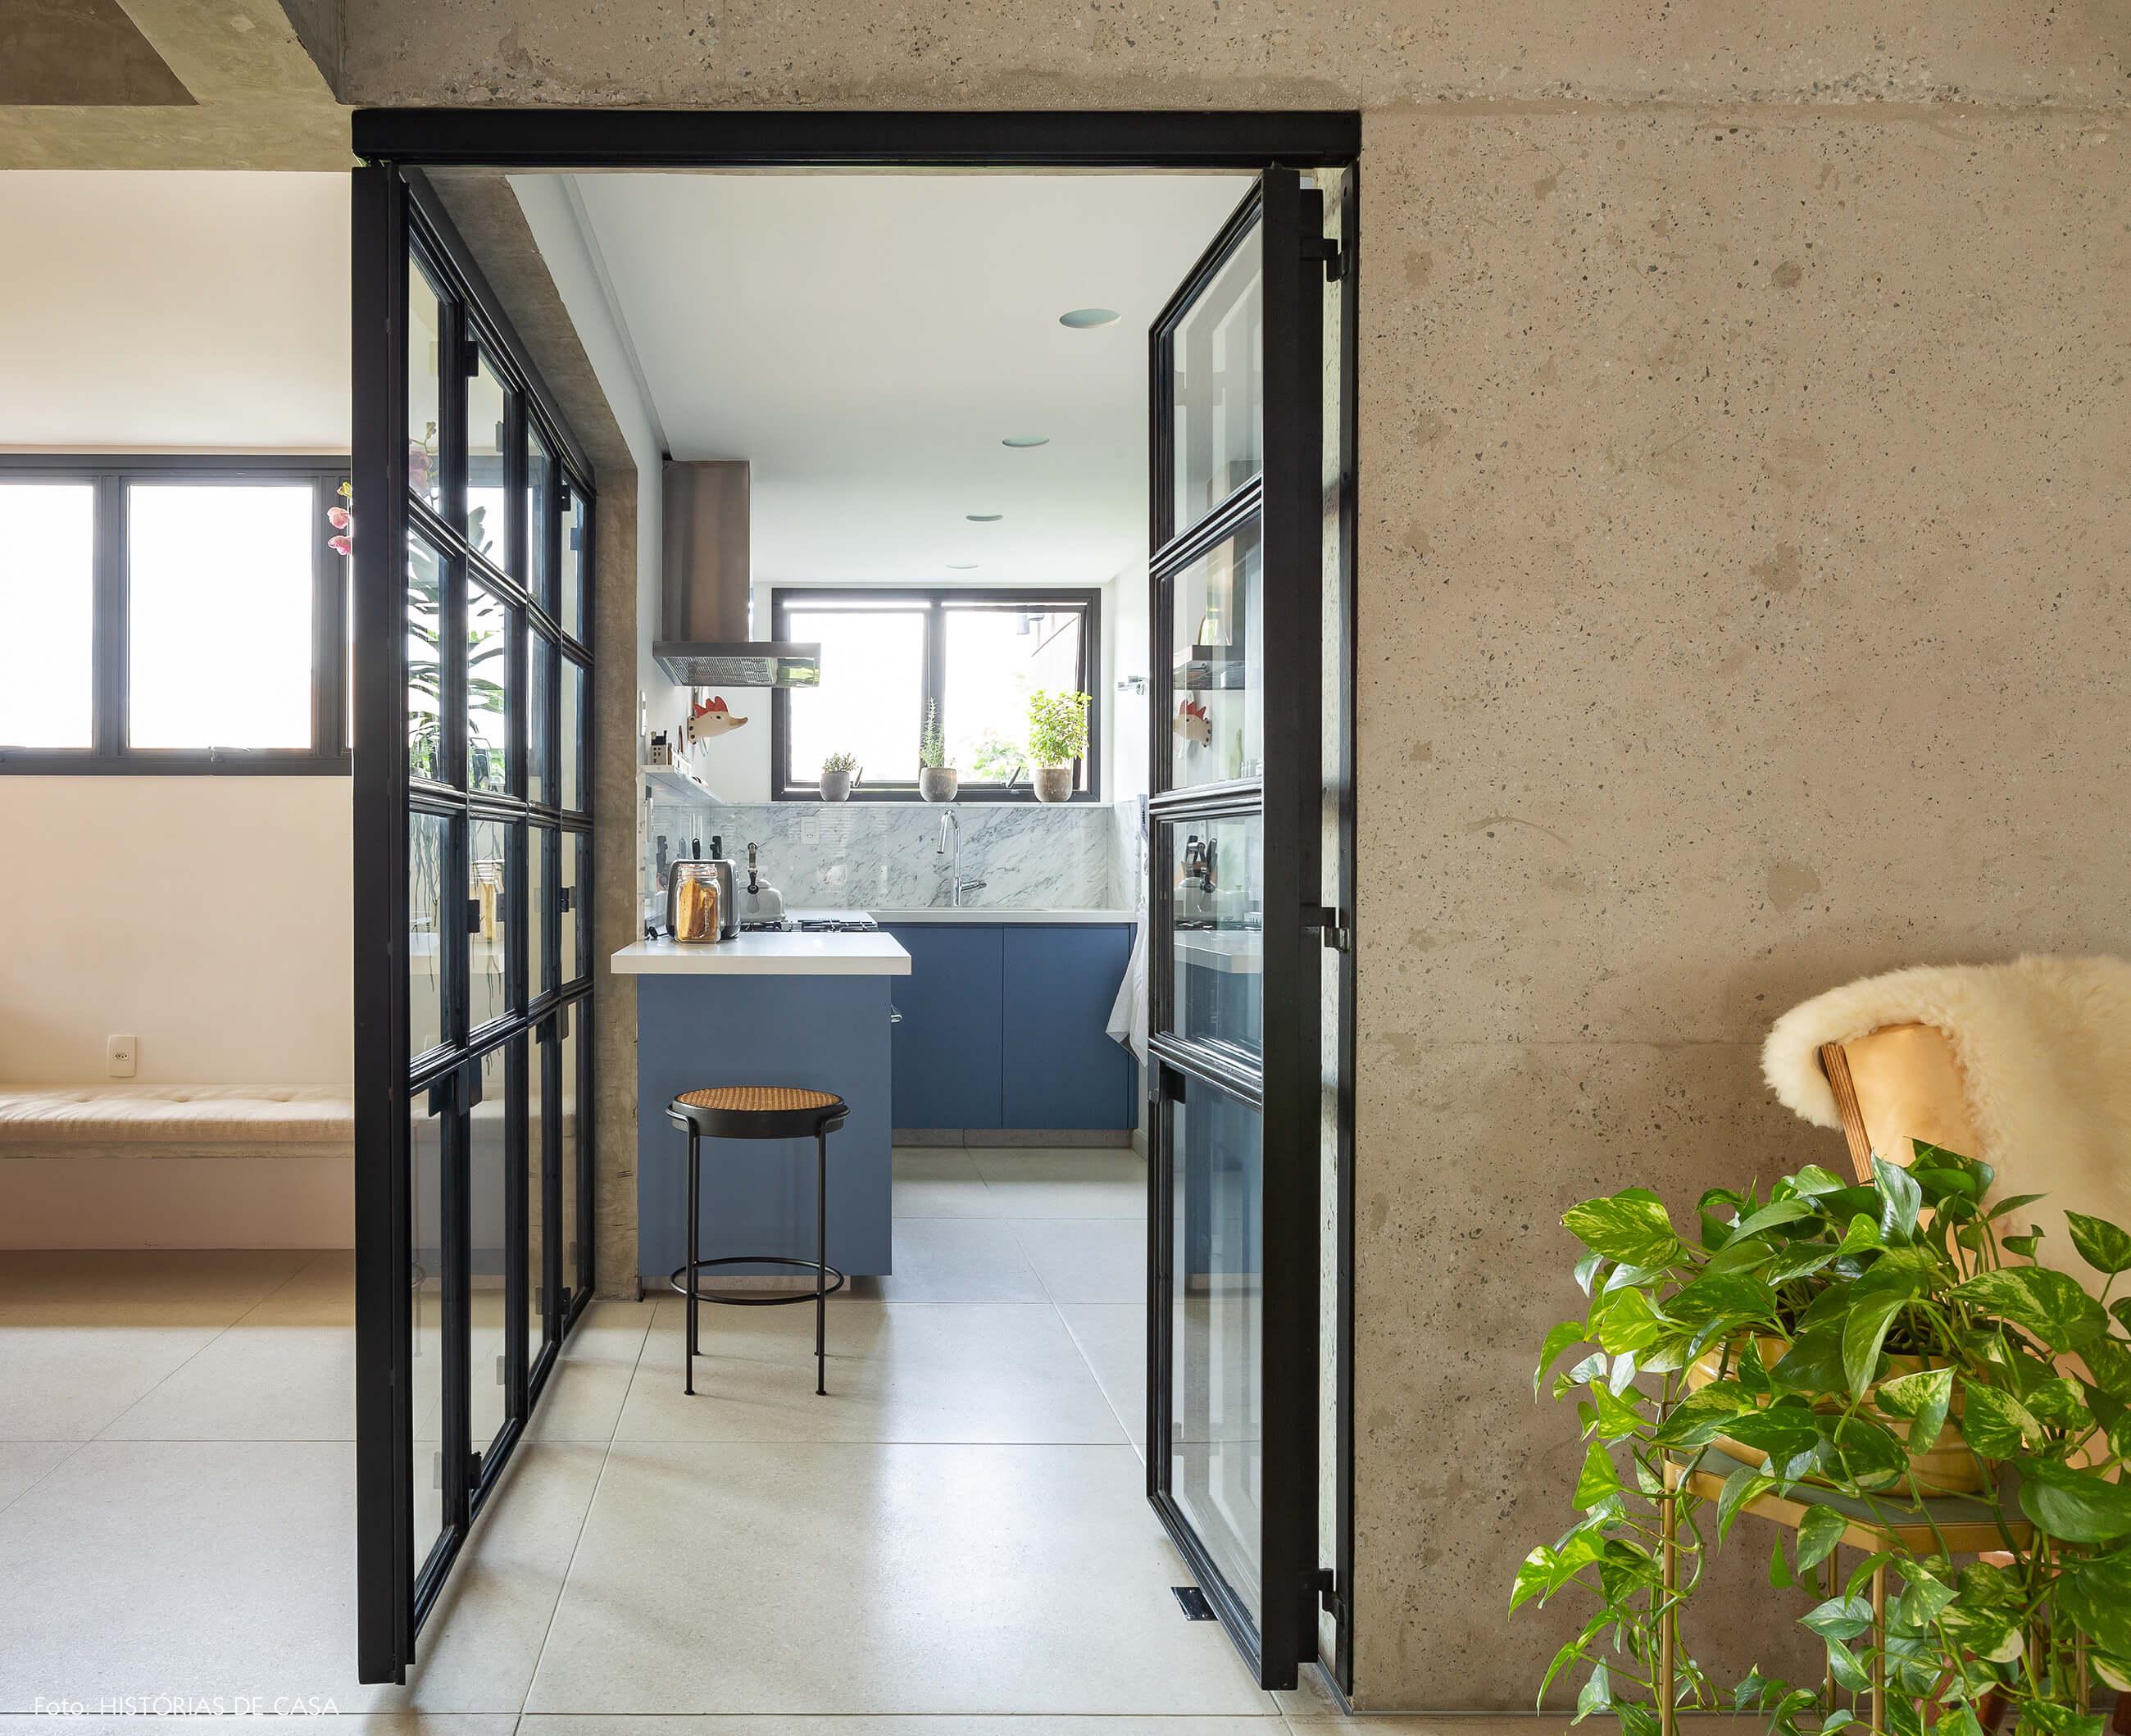 Cozinha com portas de serralheria e vidro